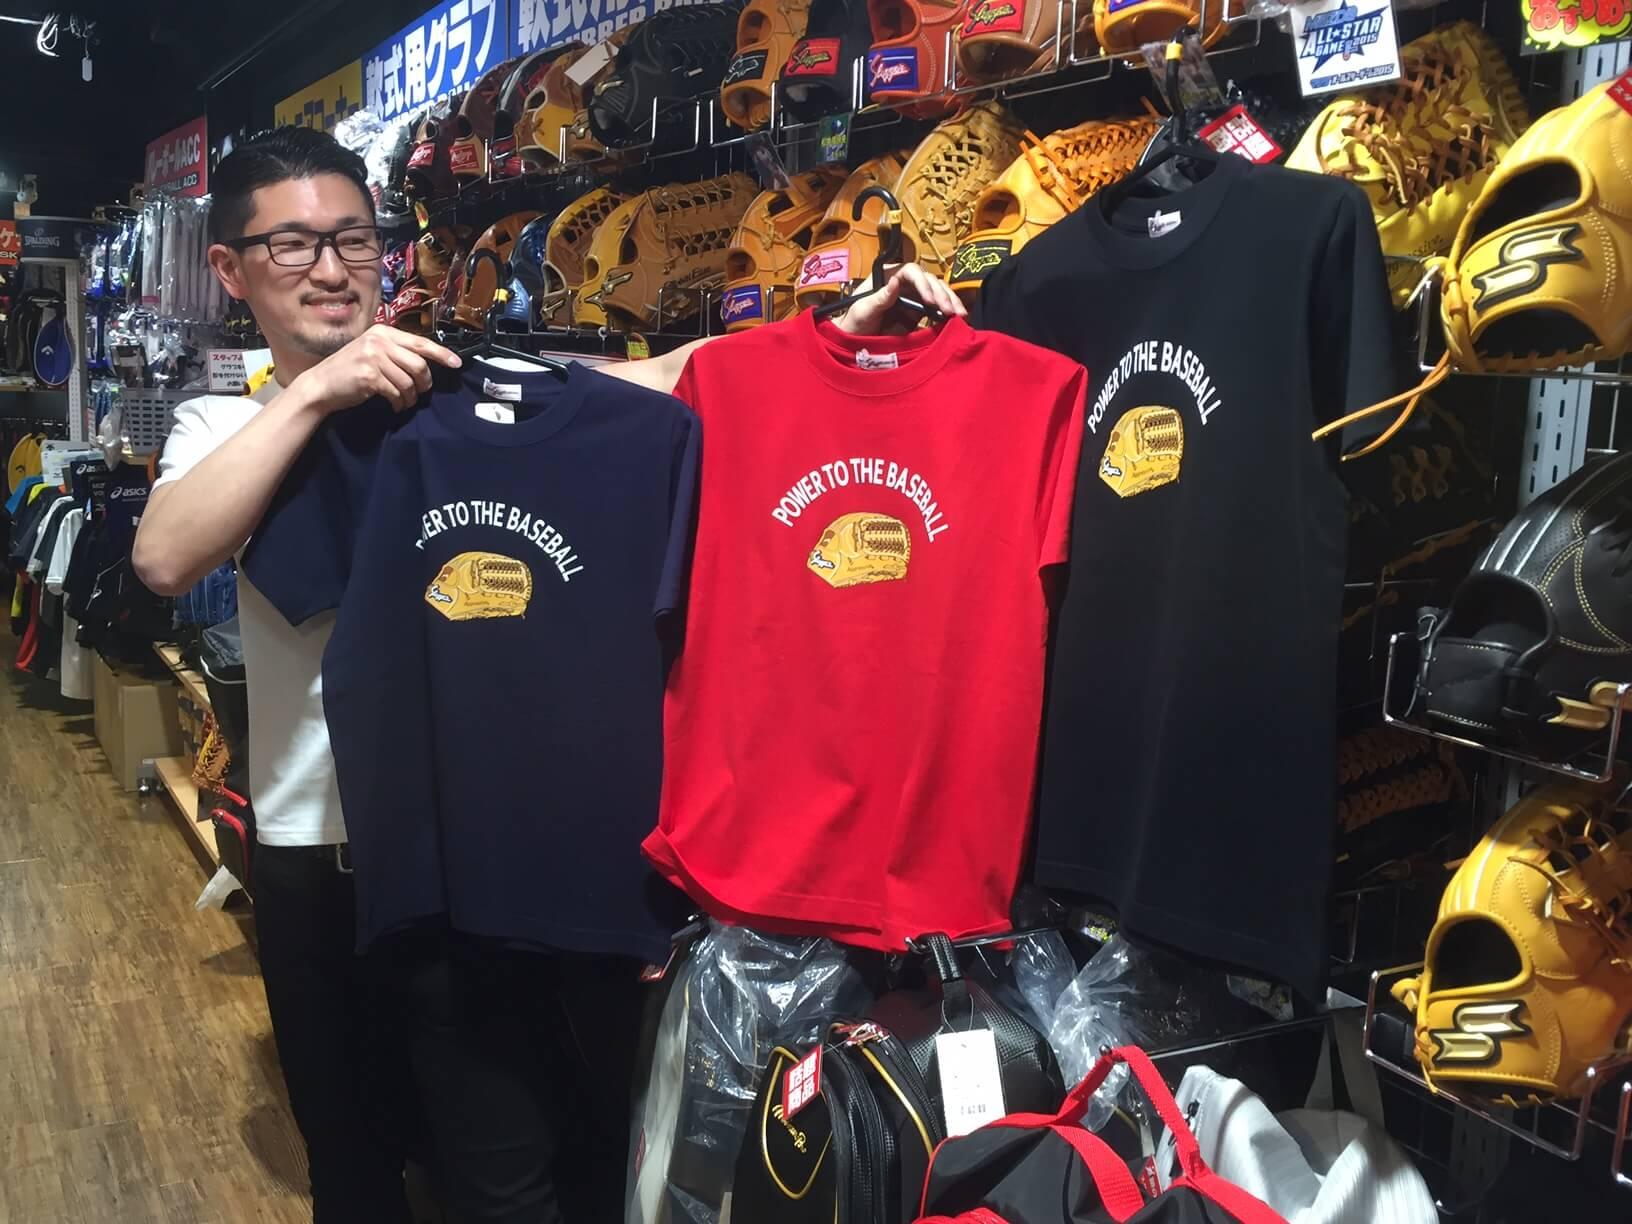 久保田スラッガーの完全受注生産80周年記念Tシャツが入荷!春夏に向けて新商品のサキドリ!